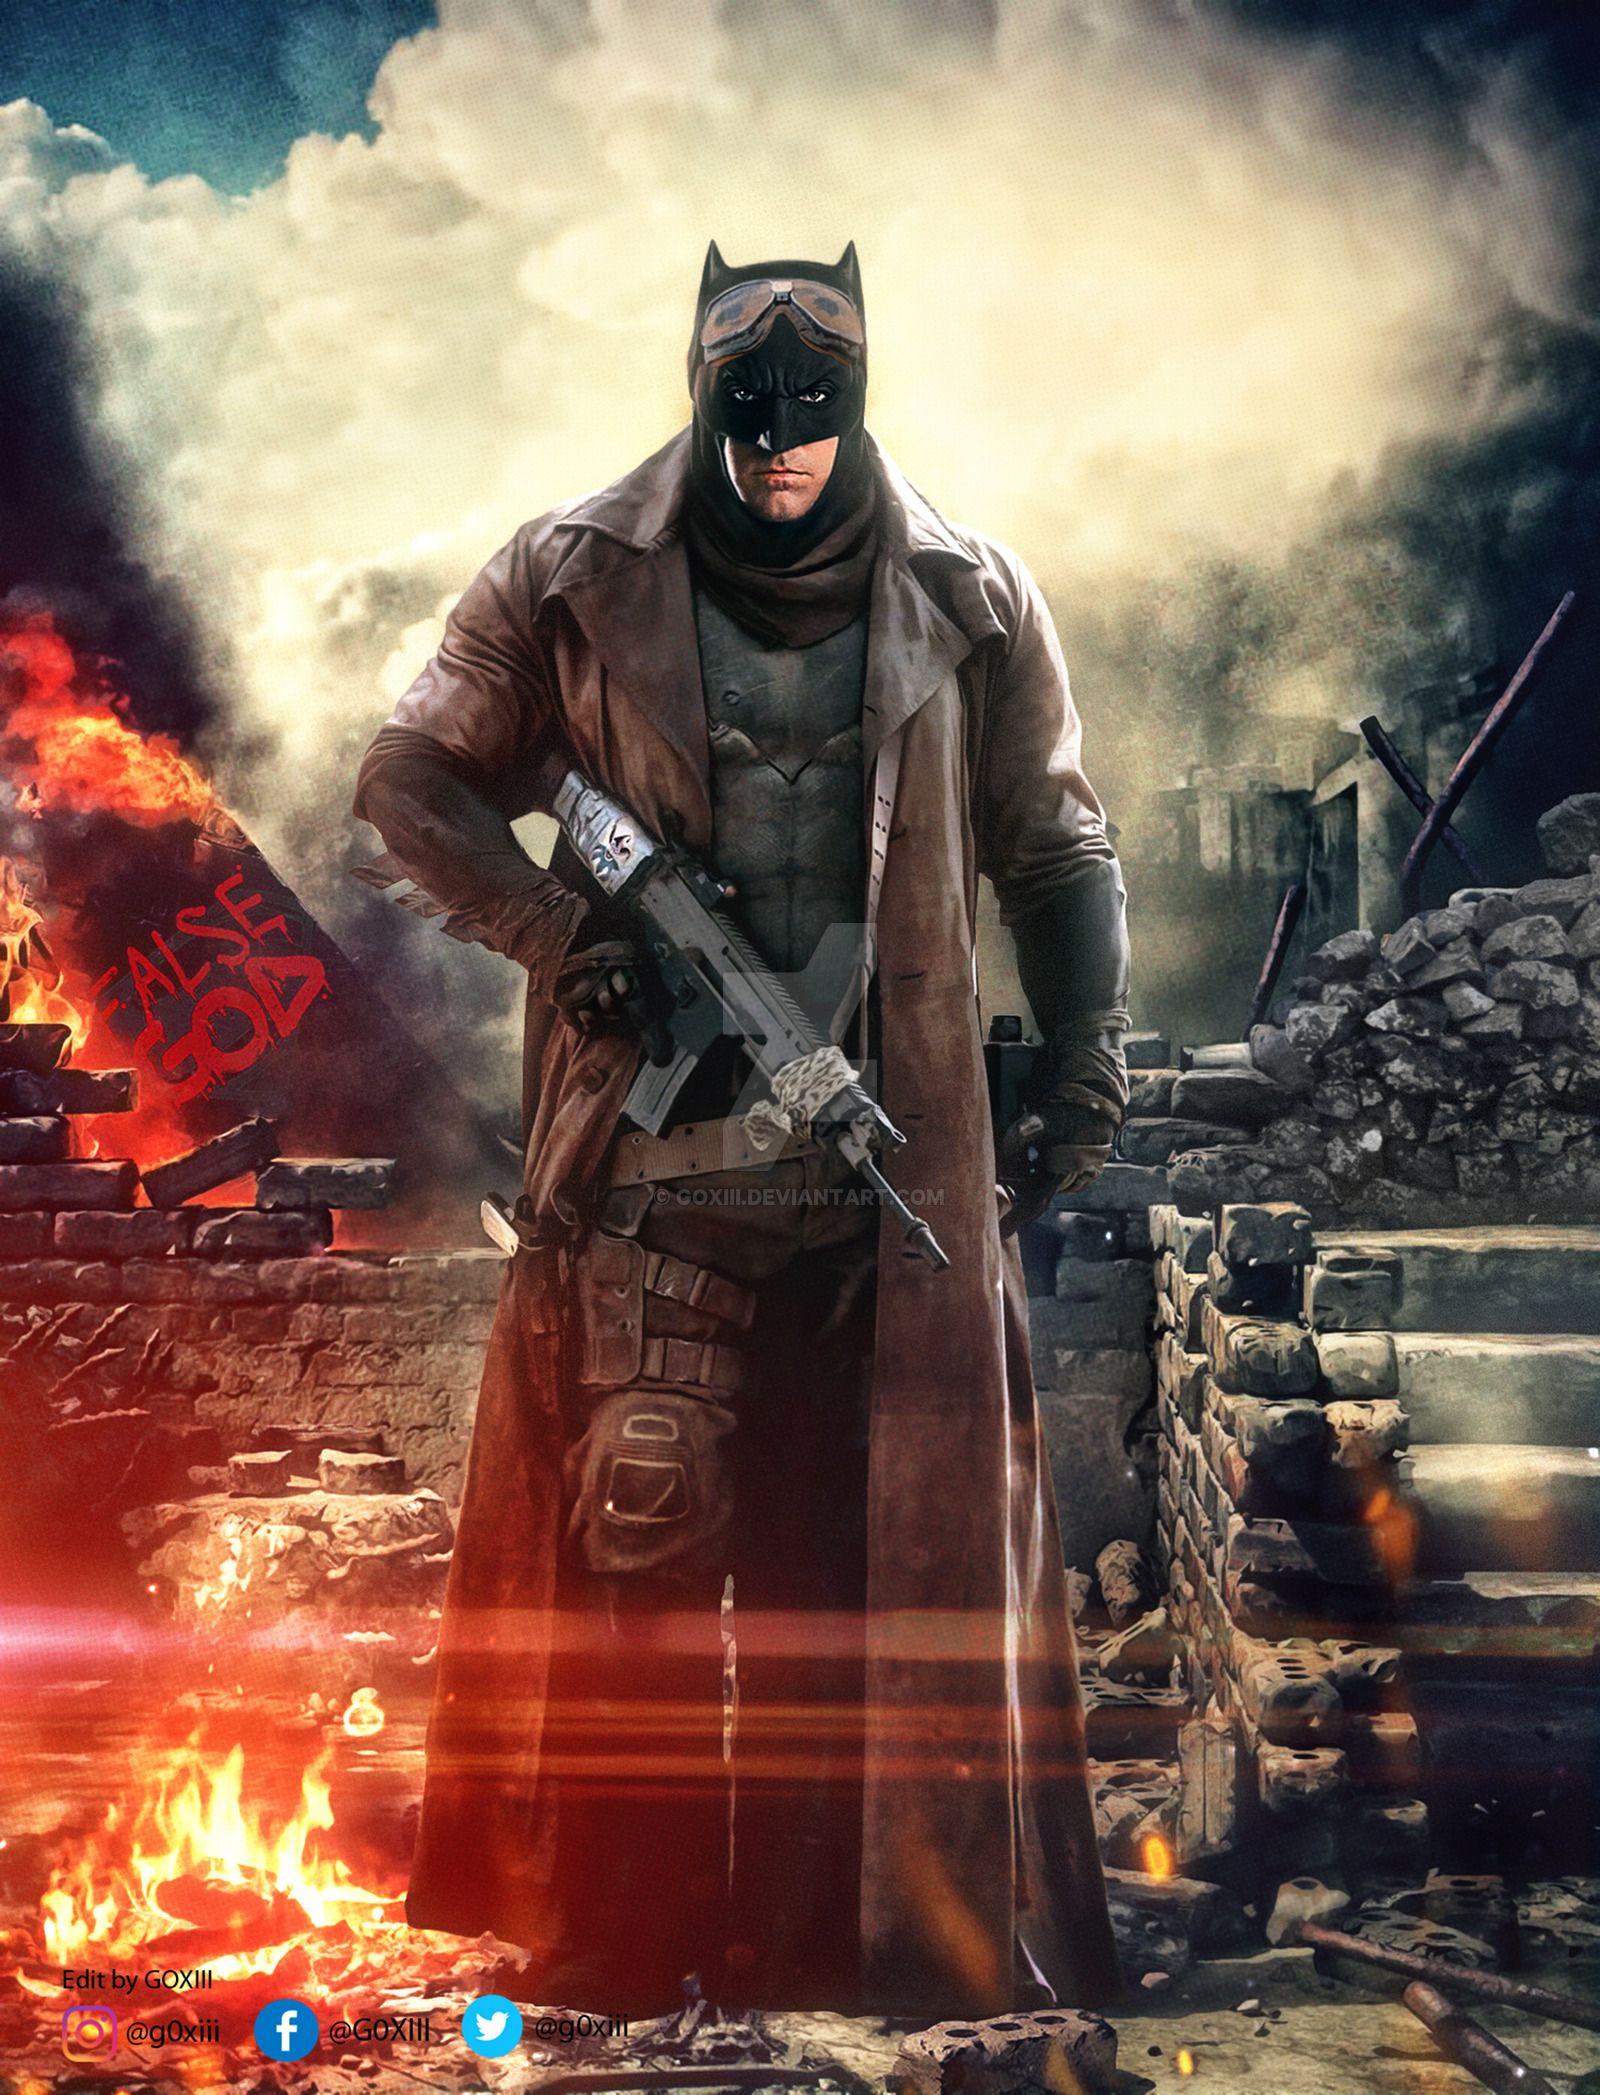 BvS: Knightmare Batman #batman #batmanvsuperman #benaffleck ...